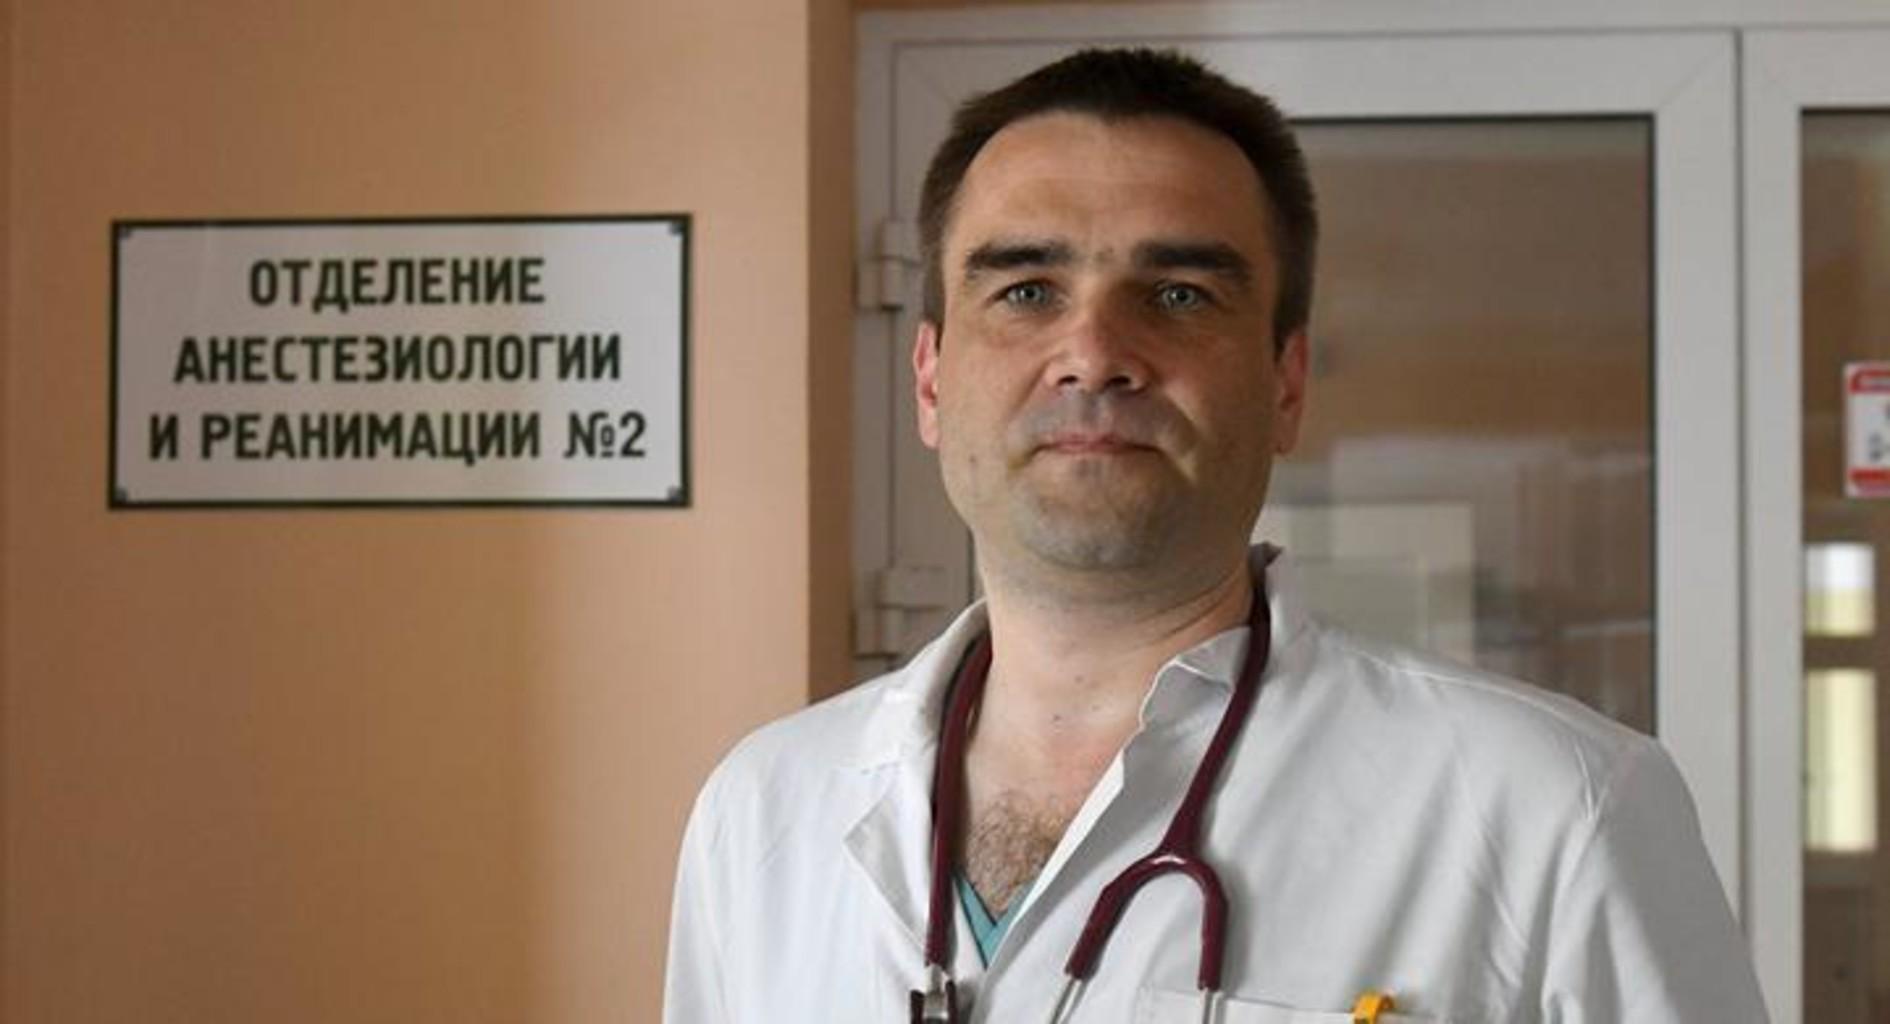 Maksim ocheretniy vrach reanimatolog minsk zona kh